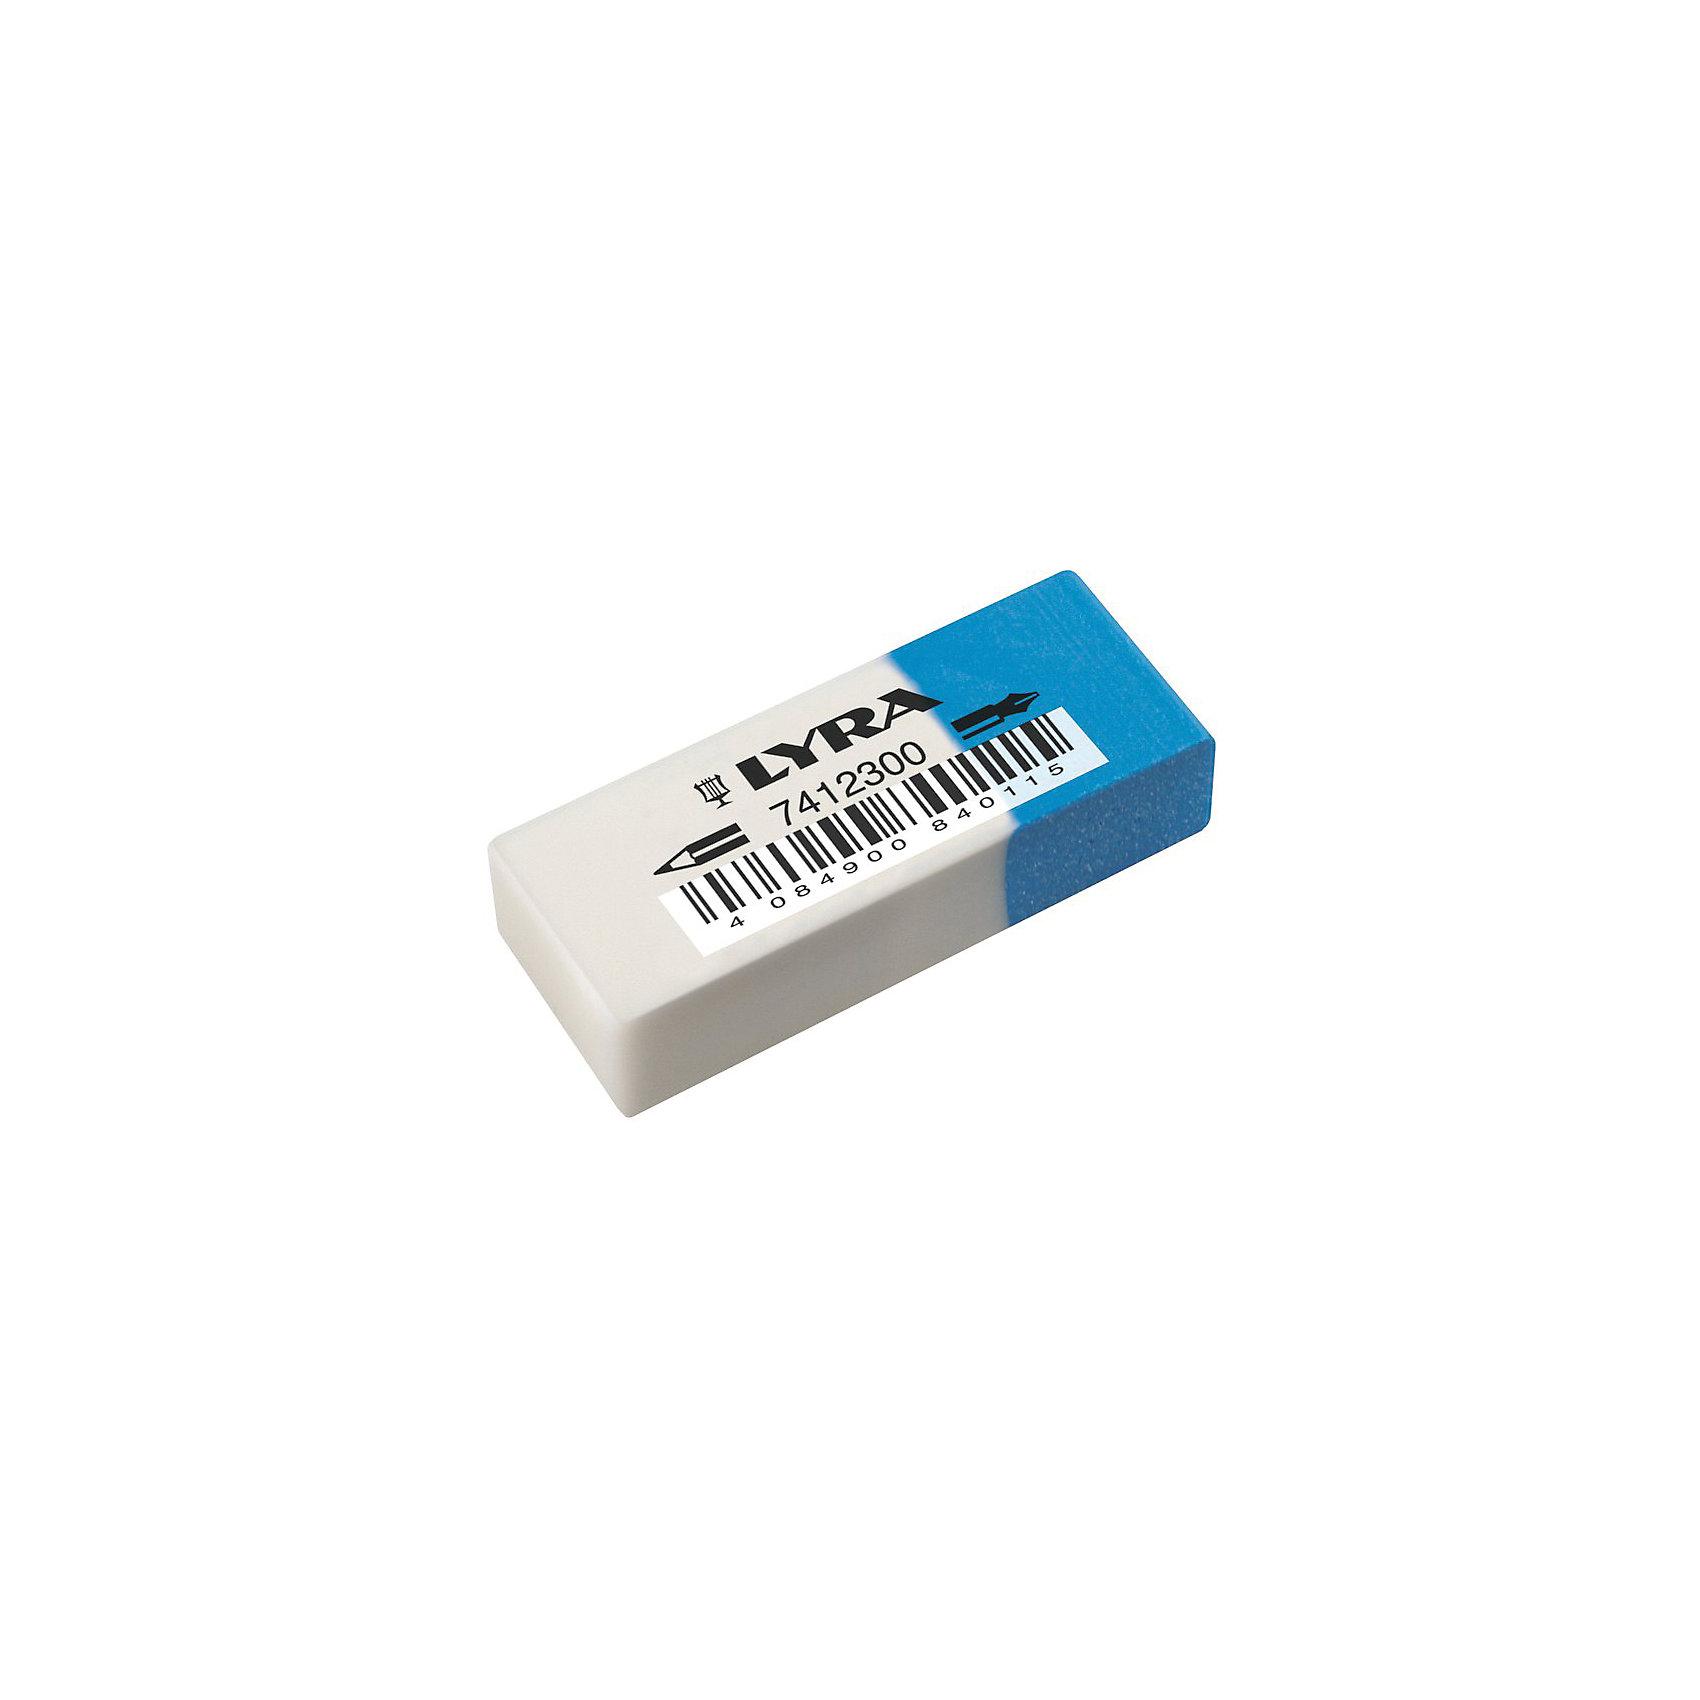 Ластик для карандашей и чернил двустороннийLYRA Ластик для карандашей и чернил двусторонний сине-белый 50*19*12 мм в картонной муфте. В коробках по 30  шт. Отгружается кратно коробке. Цена за 1 шт.<br><br>Ширина мм: 26<br>Глубина мм: 101<br>Высота мм: 154<br>Вес г: 19<br>Возраст от месяцев: 36<br>Возраст до месяцев: 84<br>Пол: Унисекс<br>Возраст: Детский<br>SKU: 5124965